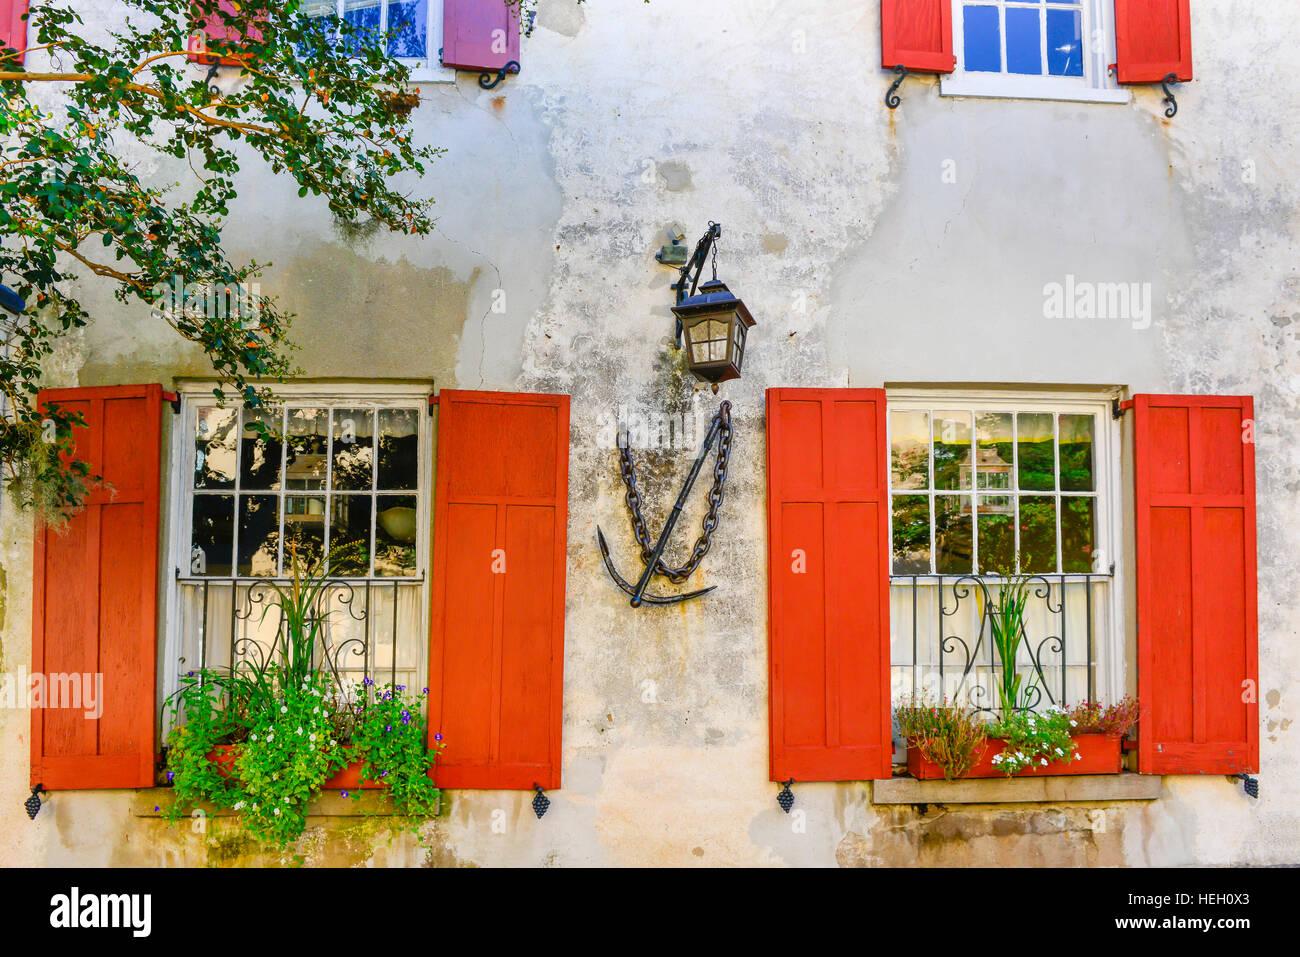 Fioriere Per Persiane ~ Dettagli architettonici della casa dei pirati con persiane rosse